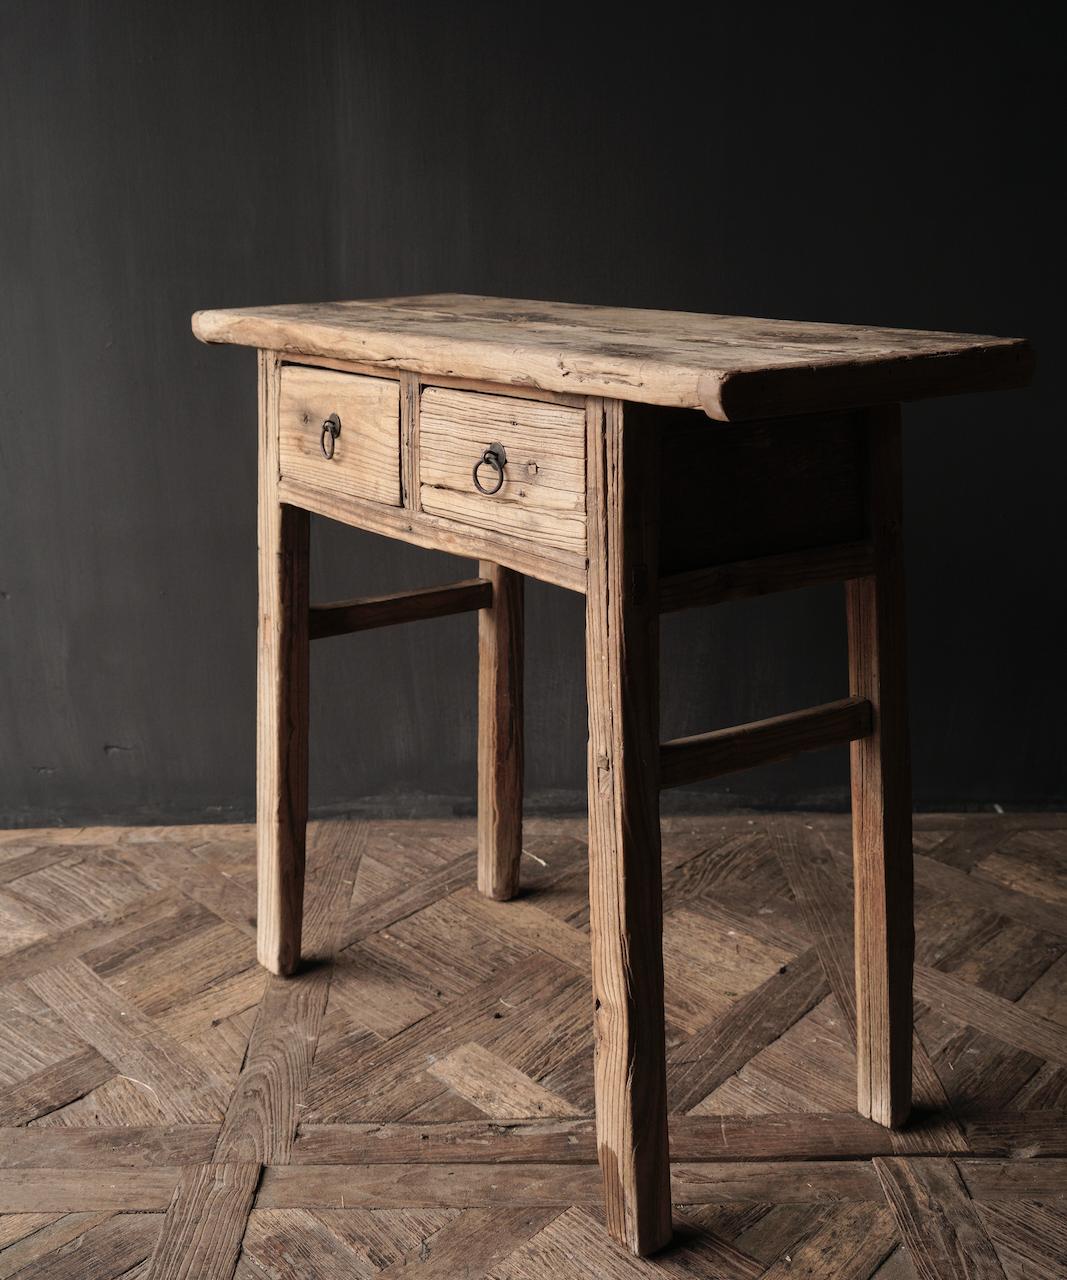 Authentischer einzigartiger alter schmaler Beistelltisch / Wandtisch-3